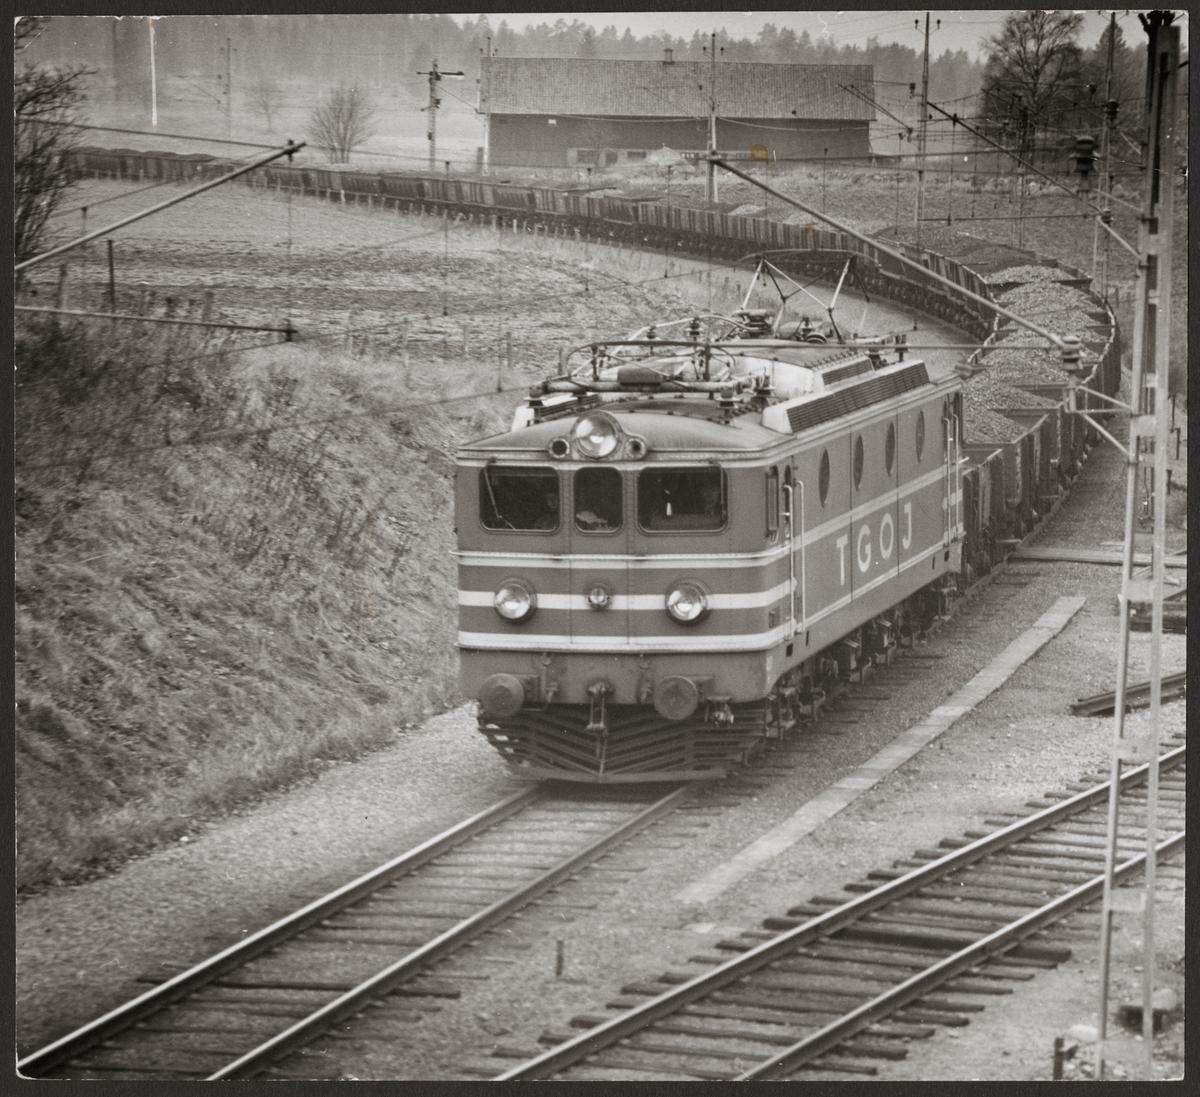 Trafikaktiebolaget Grängesberg - Oxelösunds Järnvägar, TGOJ Ma ellok med malmtåg på väg in vid Rekarne station från Kungsör och i riktning mot Eskilstuna.